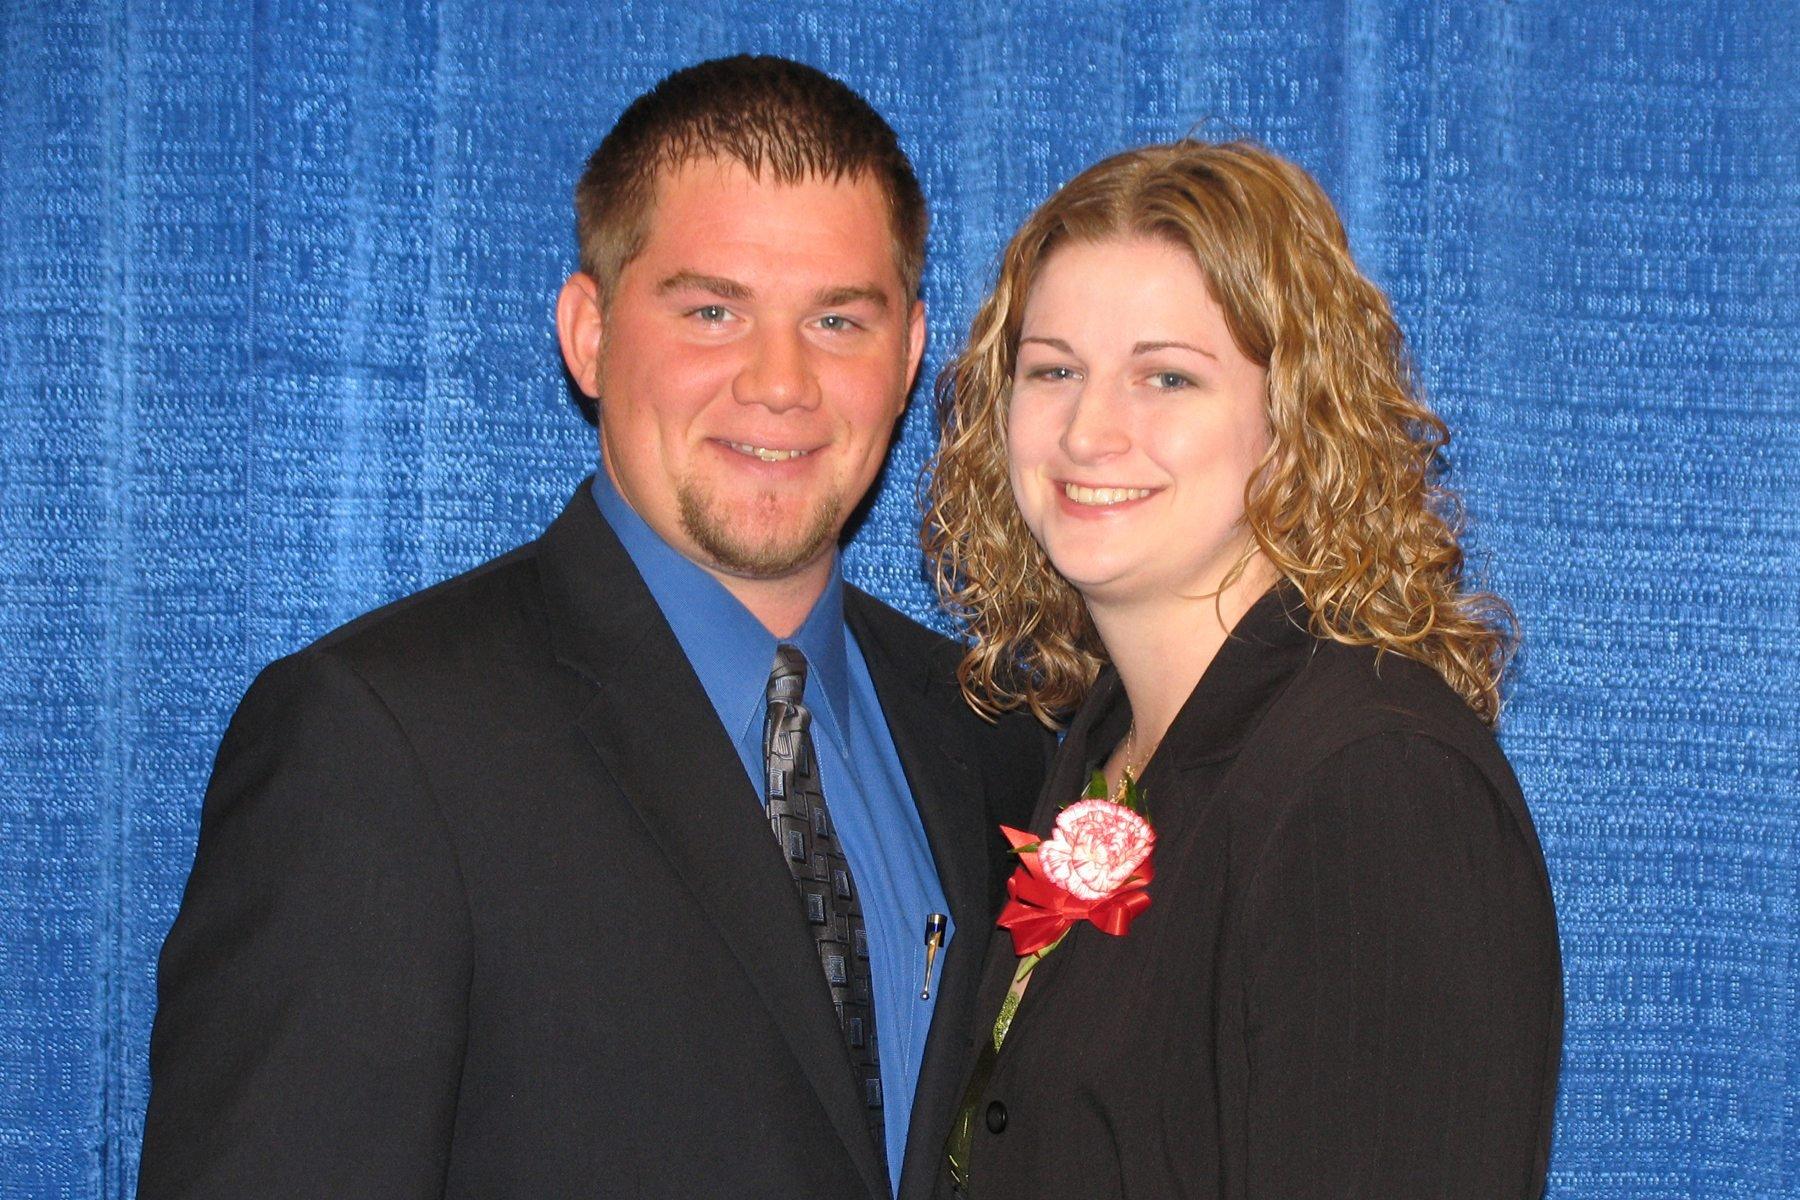 Ryan and Nikki McClure